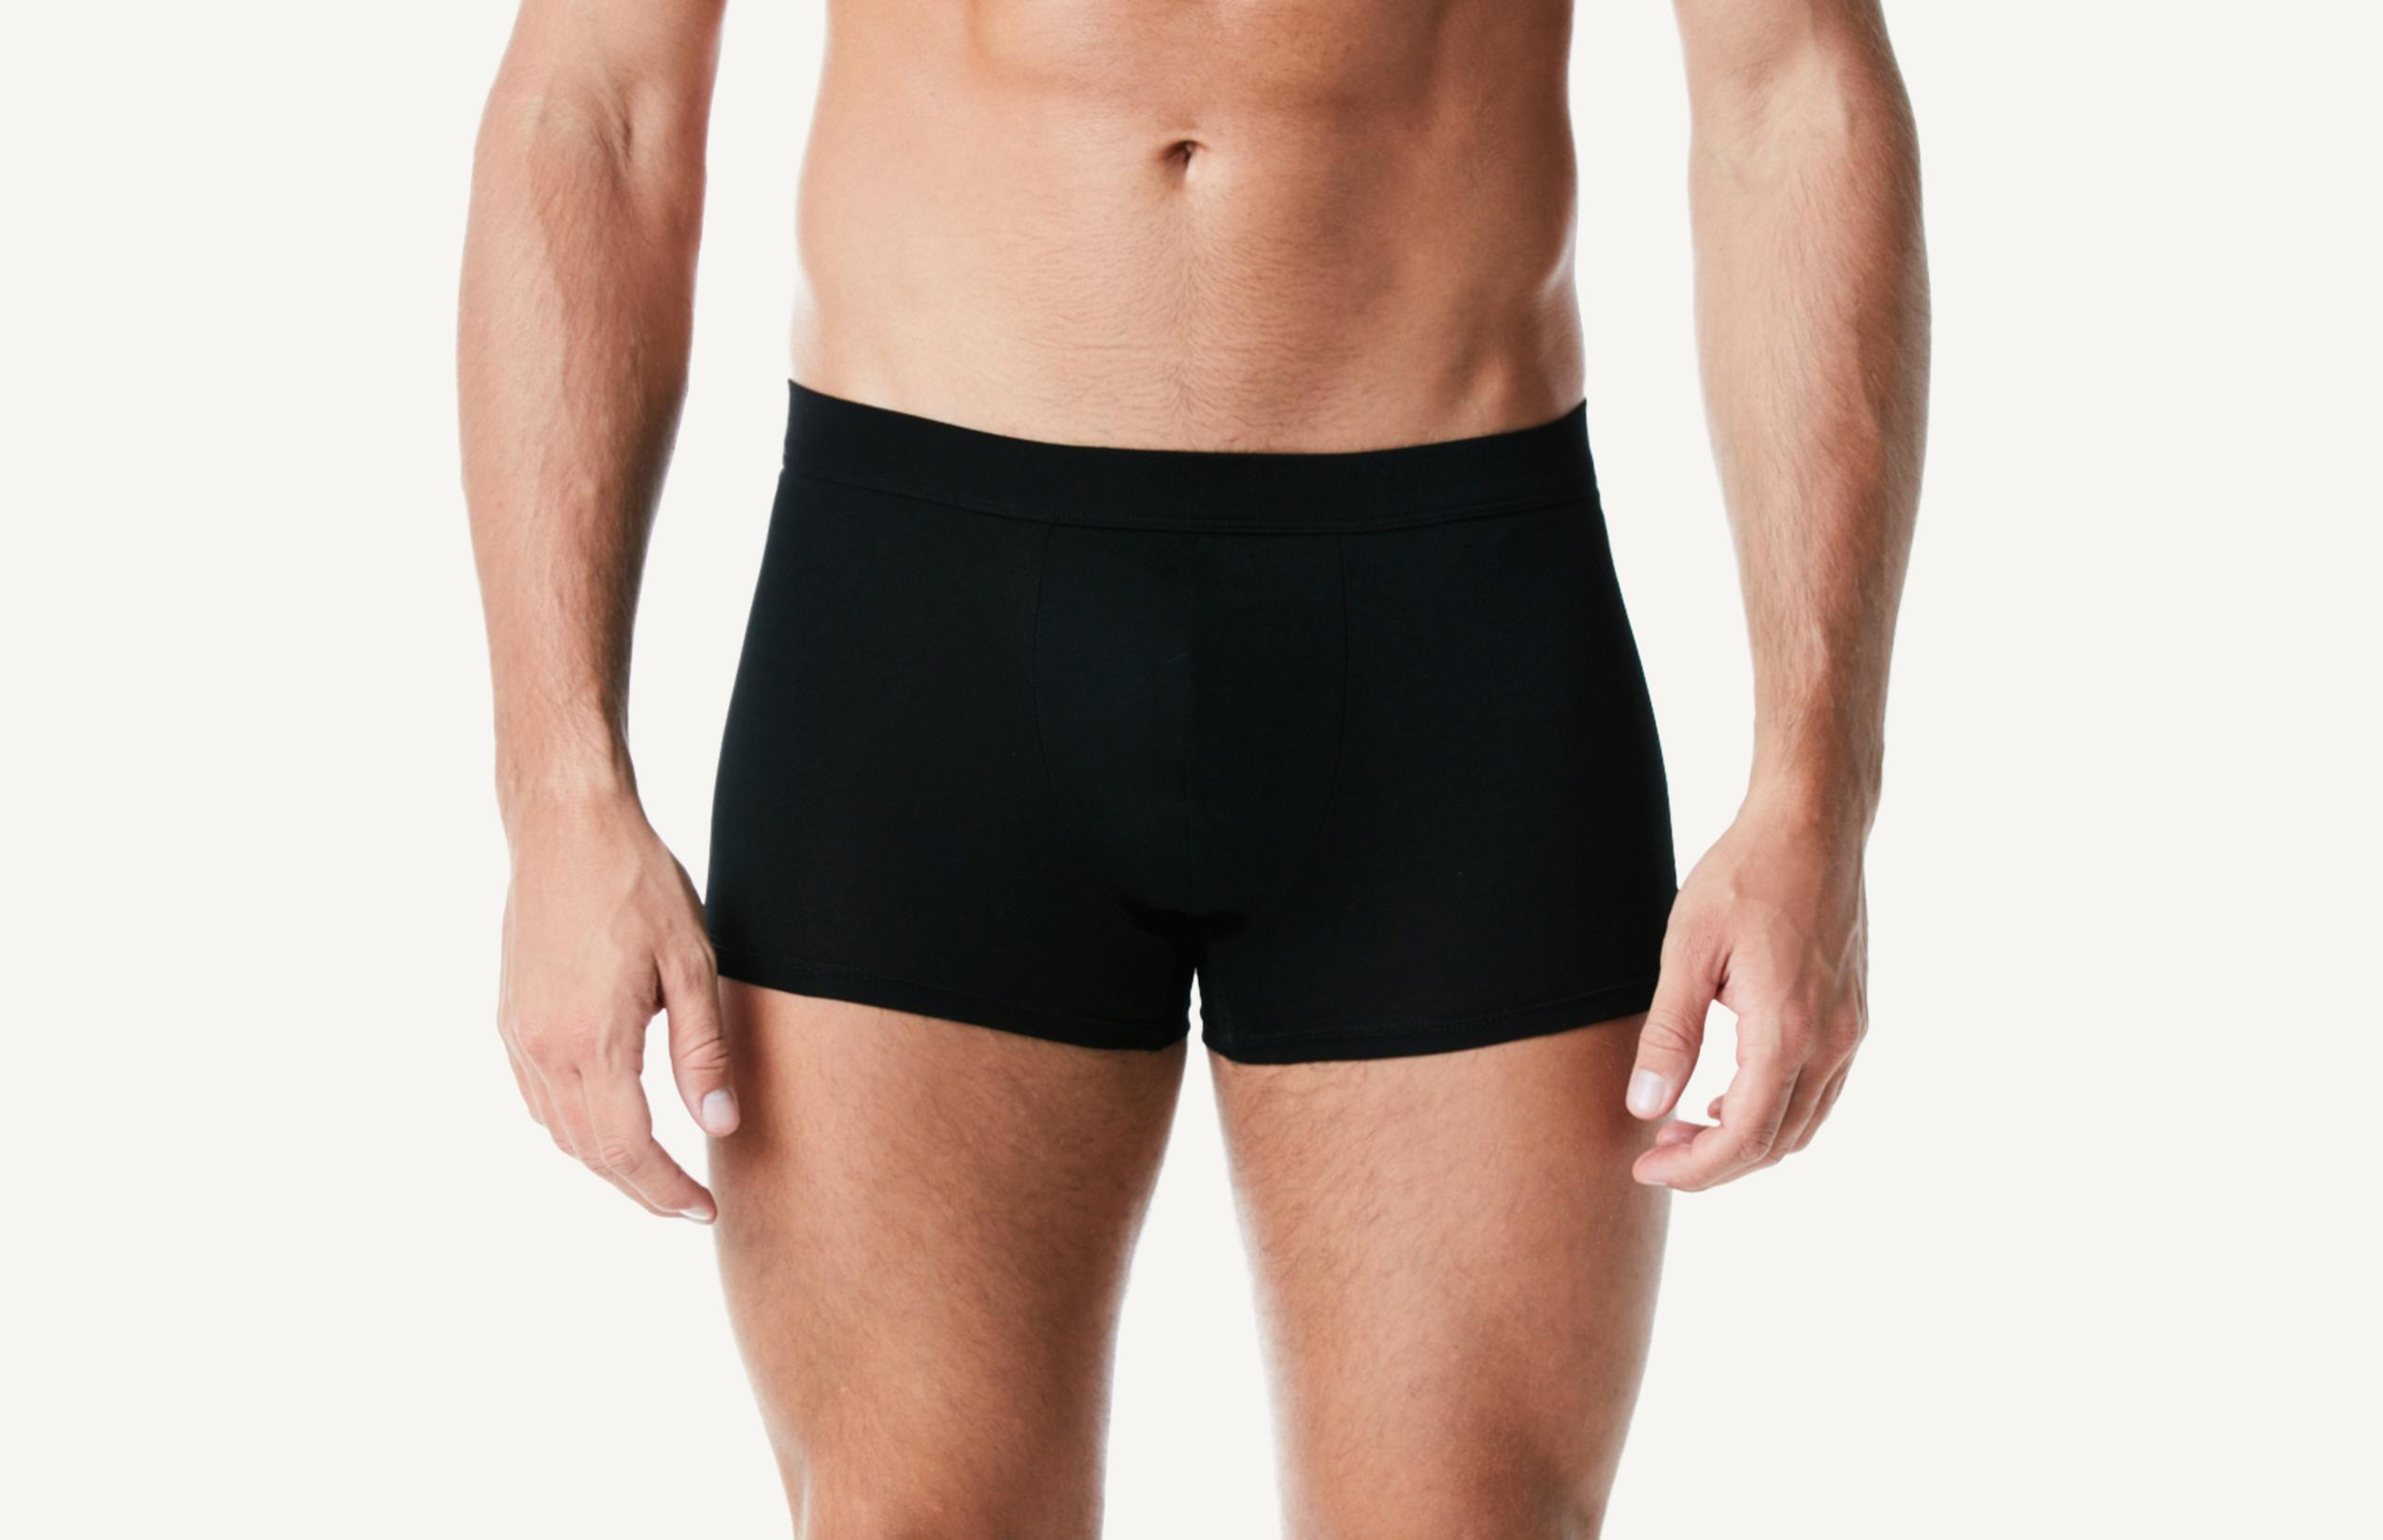 intimissimi - Boxershorts aus elastischer, mercerisierter Baumwolle